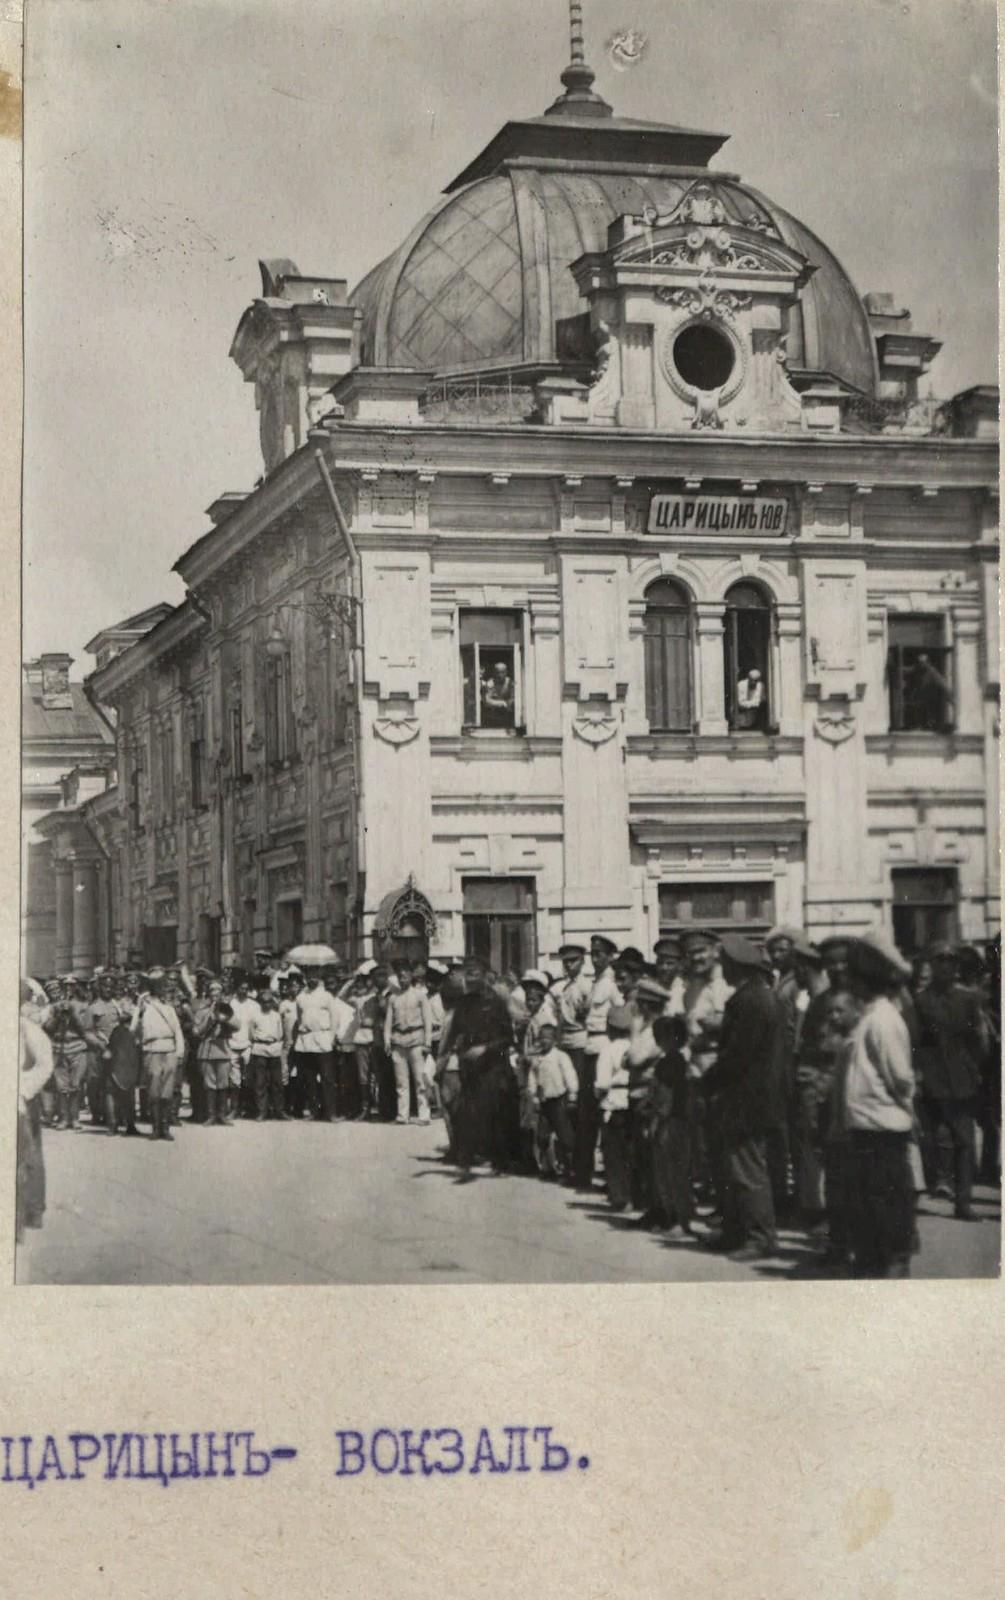 1919. Царицын. Вокзал